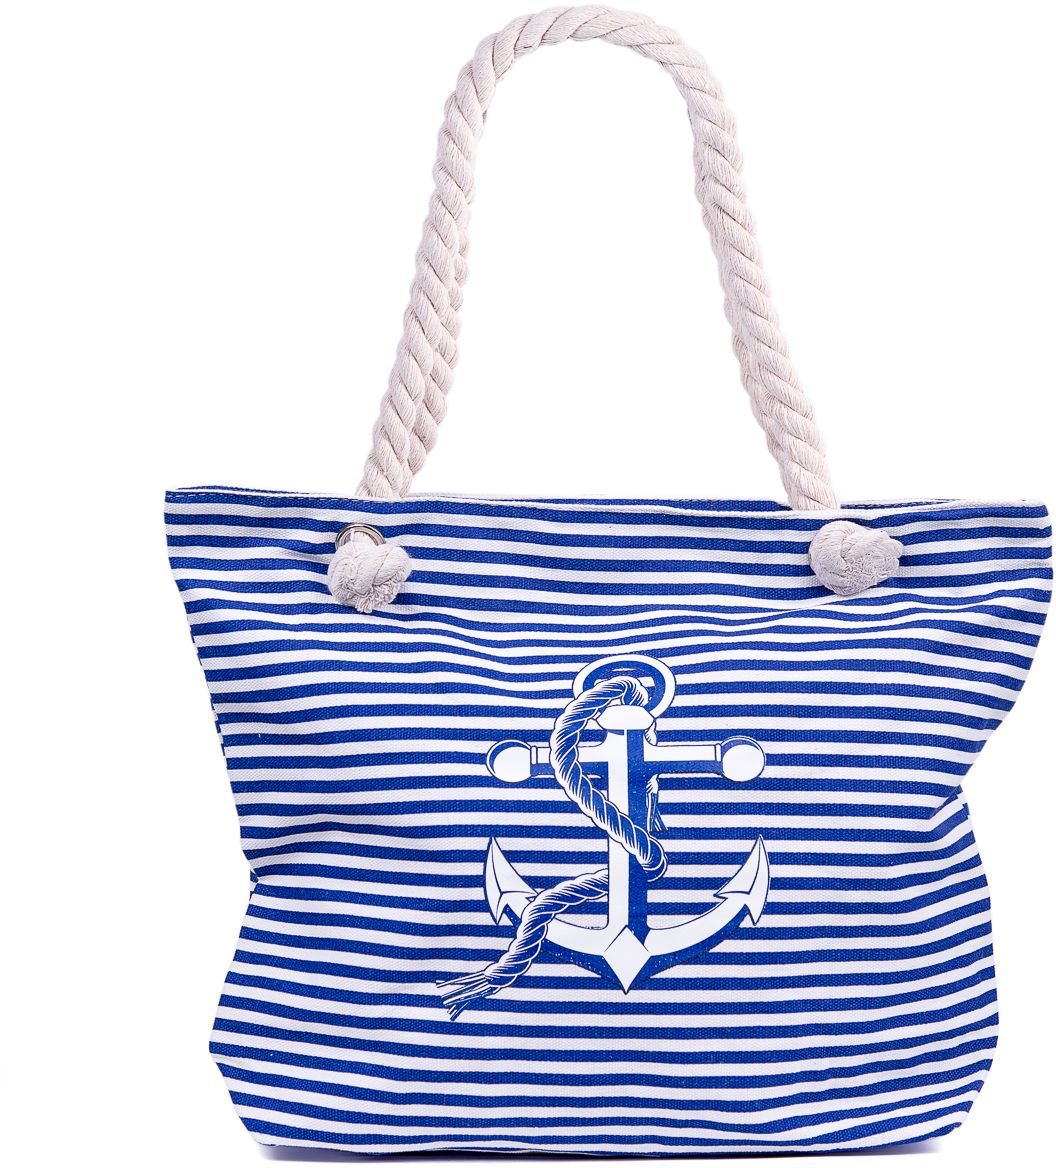 Сумка пляжная женская Nuages, цвет: синий. NS4198/310130-11Текстильная сумка с принтом. Может c одинаковым успехом использоваться как пляжная или летняя городская сумка. Одно отделение. Внутренний карман и наружный карман сзади глубина: 10 см; ширина: 45 см; высота:33 см